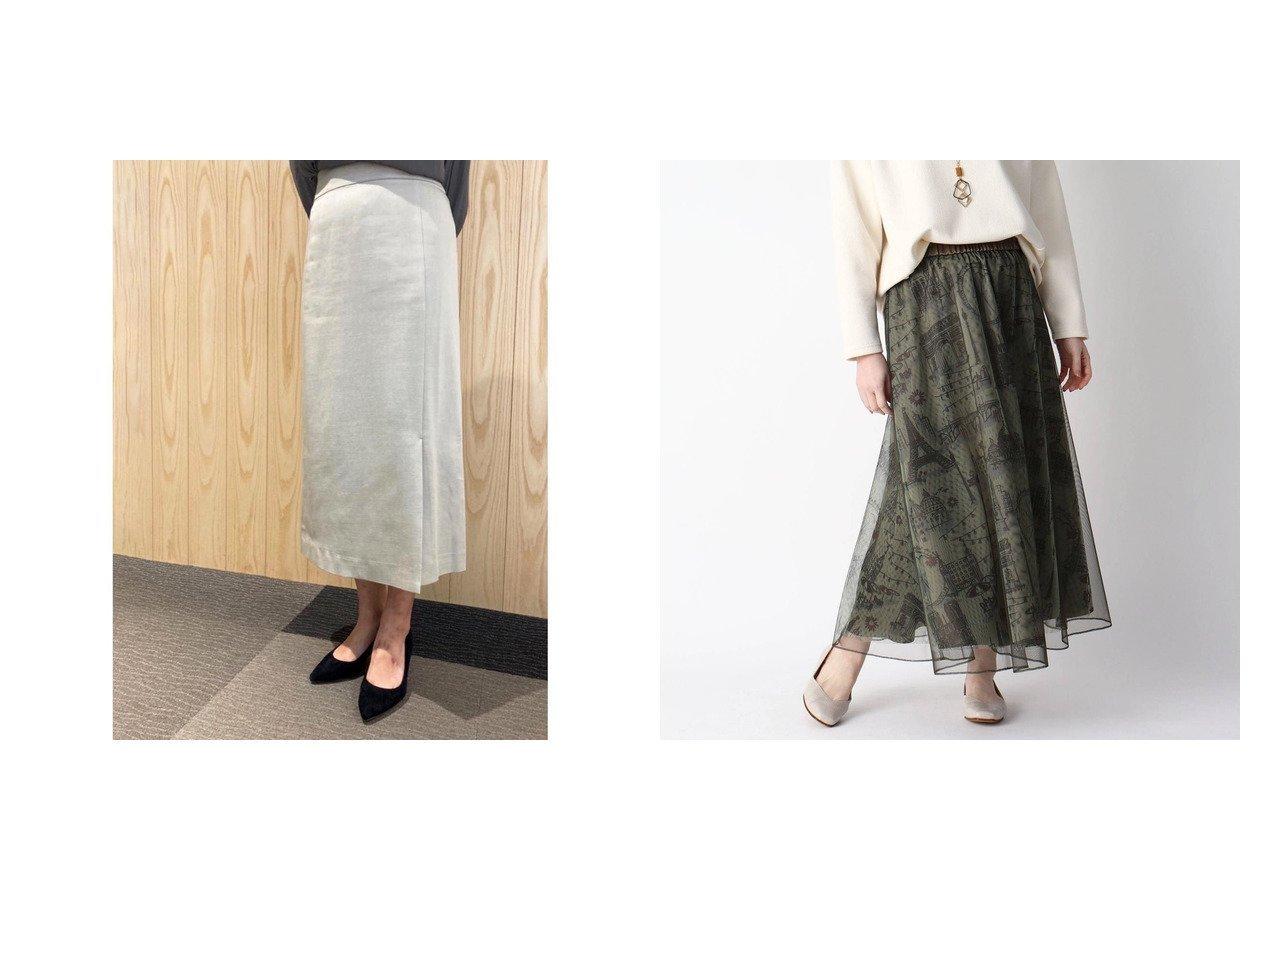 【le.coeur blanc/ルクールブラン】のle.coeur blanc デニムライクスリットスカート&【smartpink/スマートピンク】のパリモチーフプリントチュールレイヤードスカート スカートのおすすめ!人気、トレンド・レディースファッションの通販  おすすめで人気の流行・トレンド、ファッションの通販商品 メンズファッション・キッズファッション・インテリア・家具・レディースファッション・服の通販 founy(ファニー) https://founy.com/ ファッション Fashion レディースファッション WOMEN スカート Skirt S/S 春夏 SS Spring/Summer シンプル ストレッチ スリット デニム 春 Spring |ID:crp329100000019242